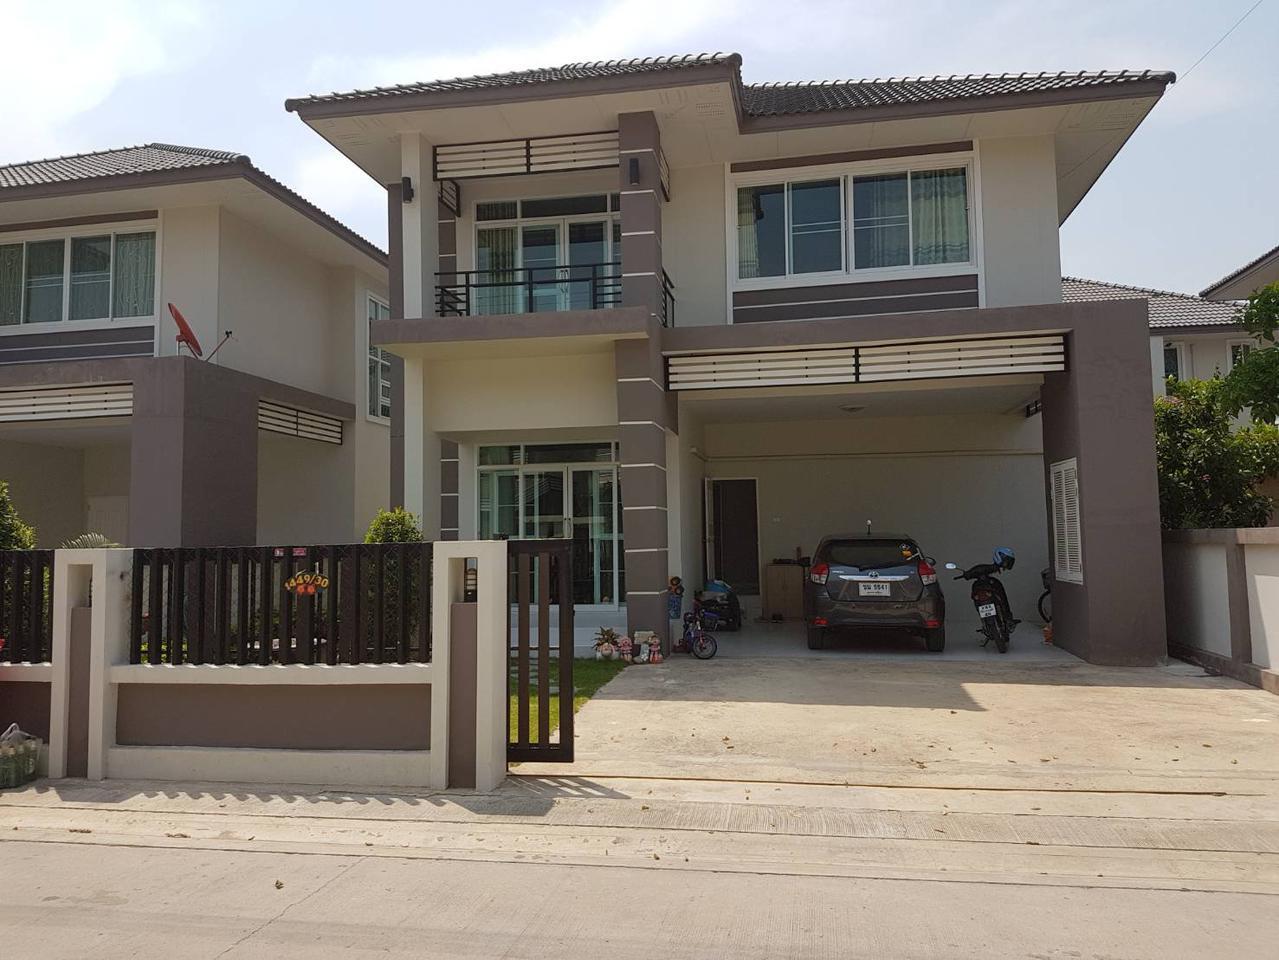 บ้านใหม่สวย ตกแต่งพร้อมเข้าอยู่ การเดินทางสะดวกสบาย เหมาะสำหรับซื้อเพื่ออยู่อาศัย รูปที่ 1